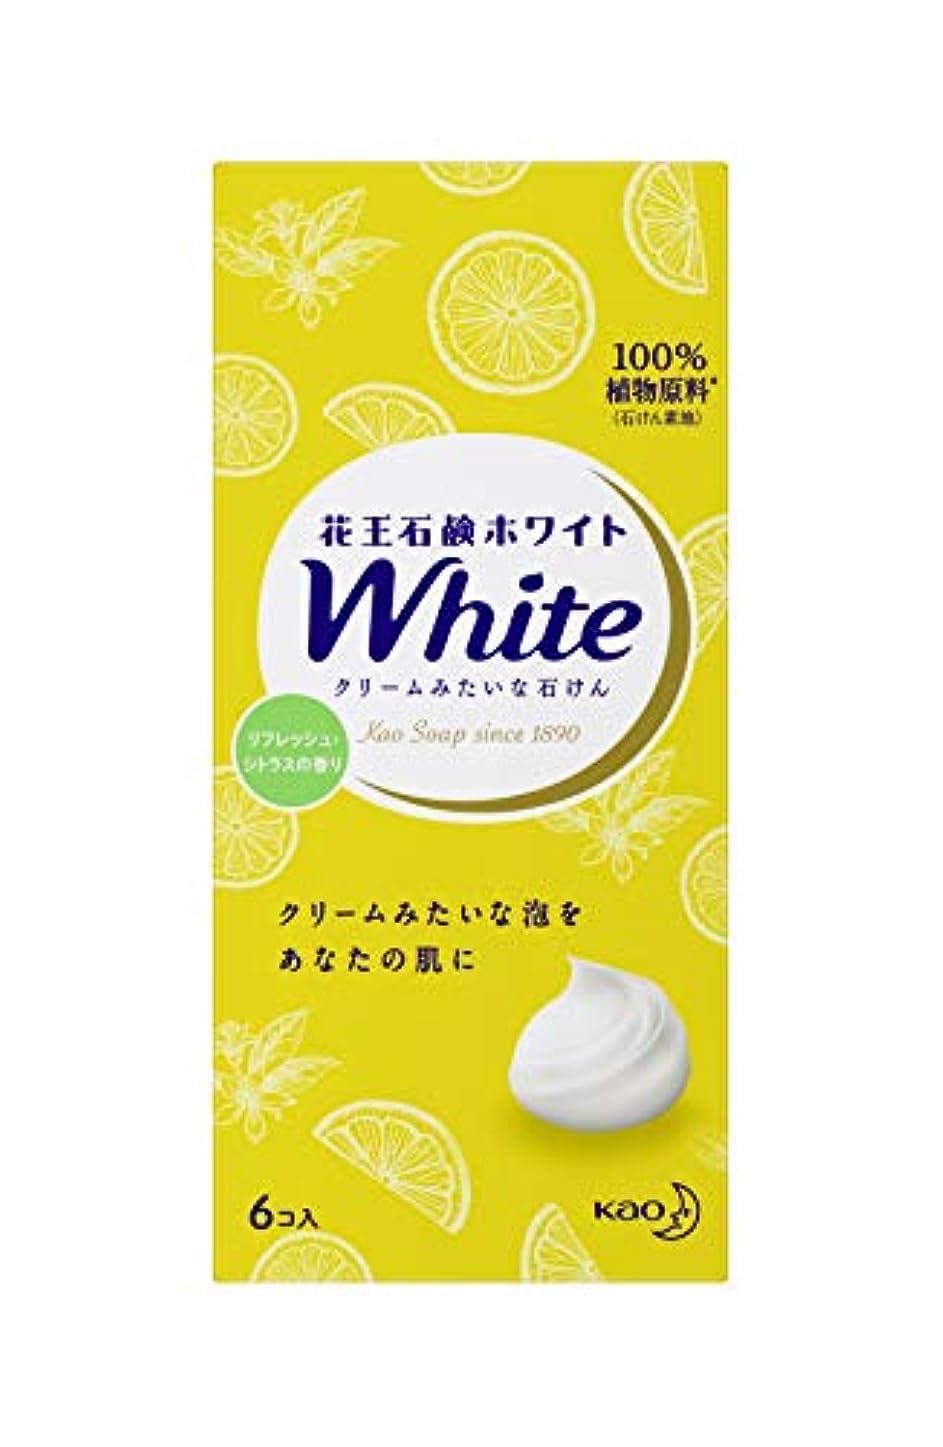 抵抗力がある進化するピグマリオン花王ホワイト リフレッシュシトラスの香り レギュラーサイズ6コ